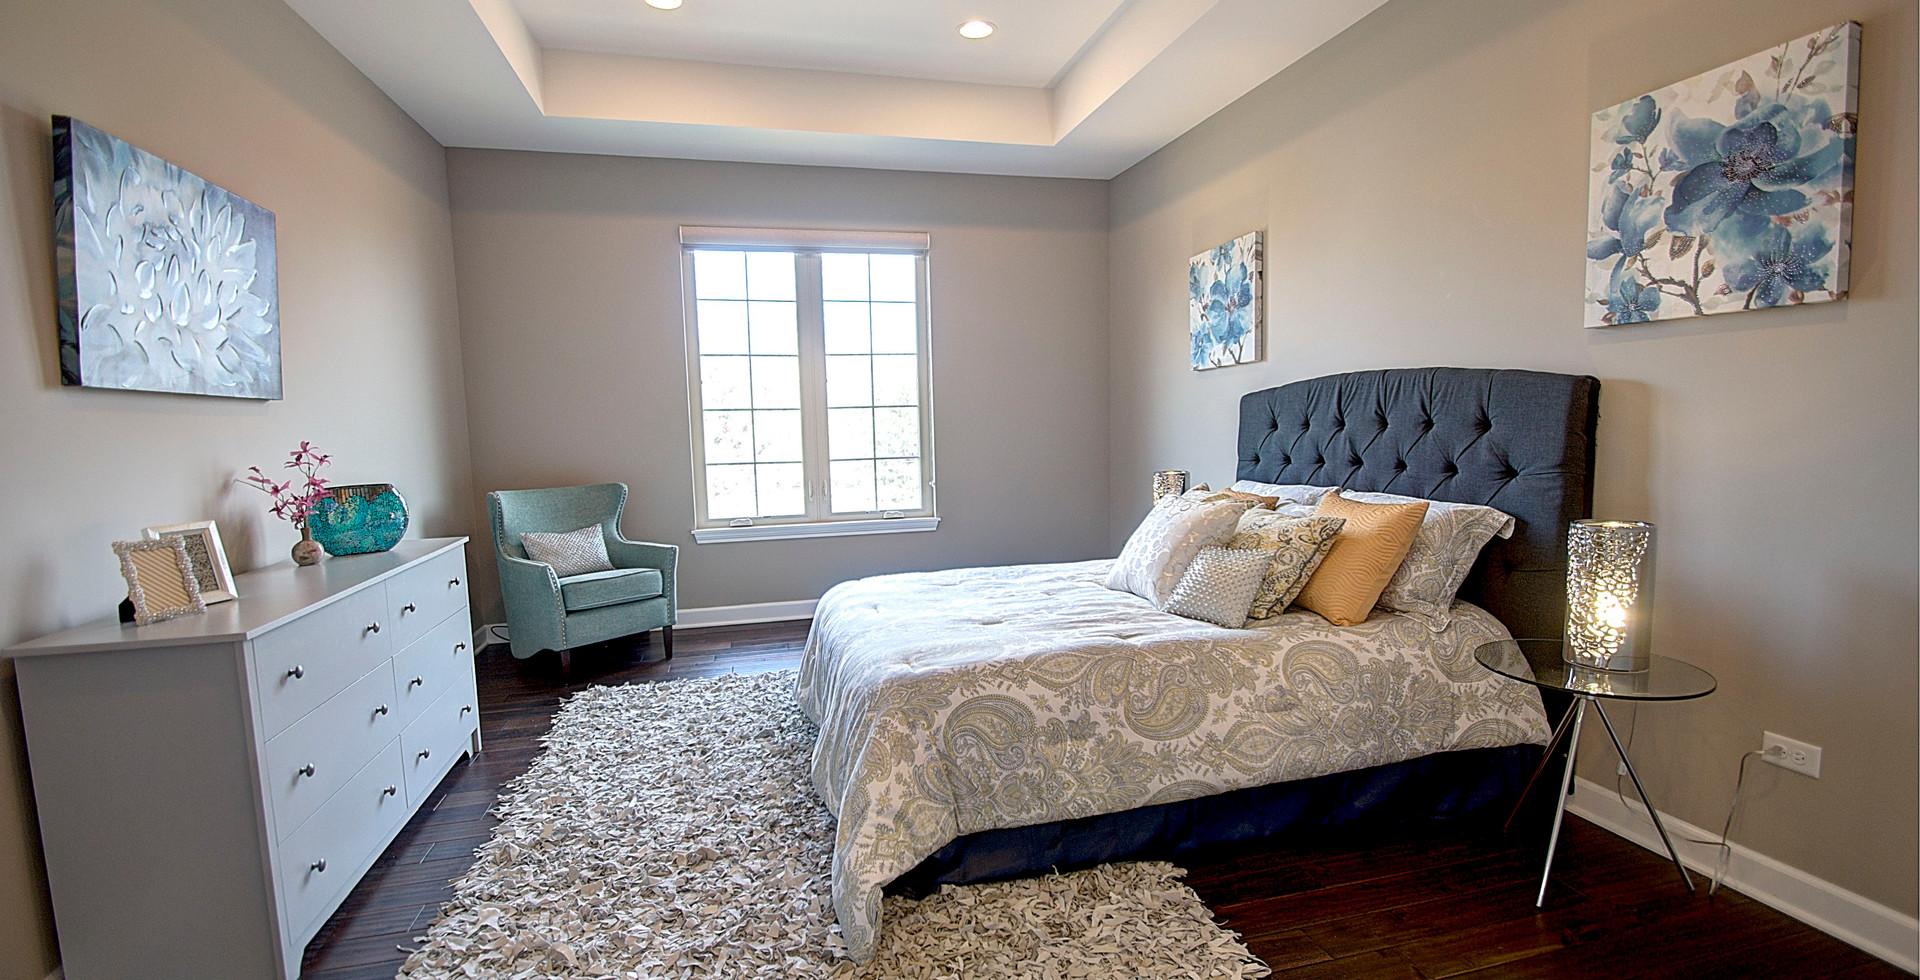 Bedroom in Forest Park designed by MRM Home Design.jpg